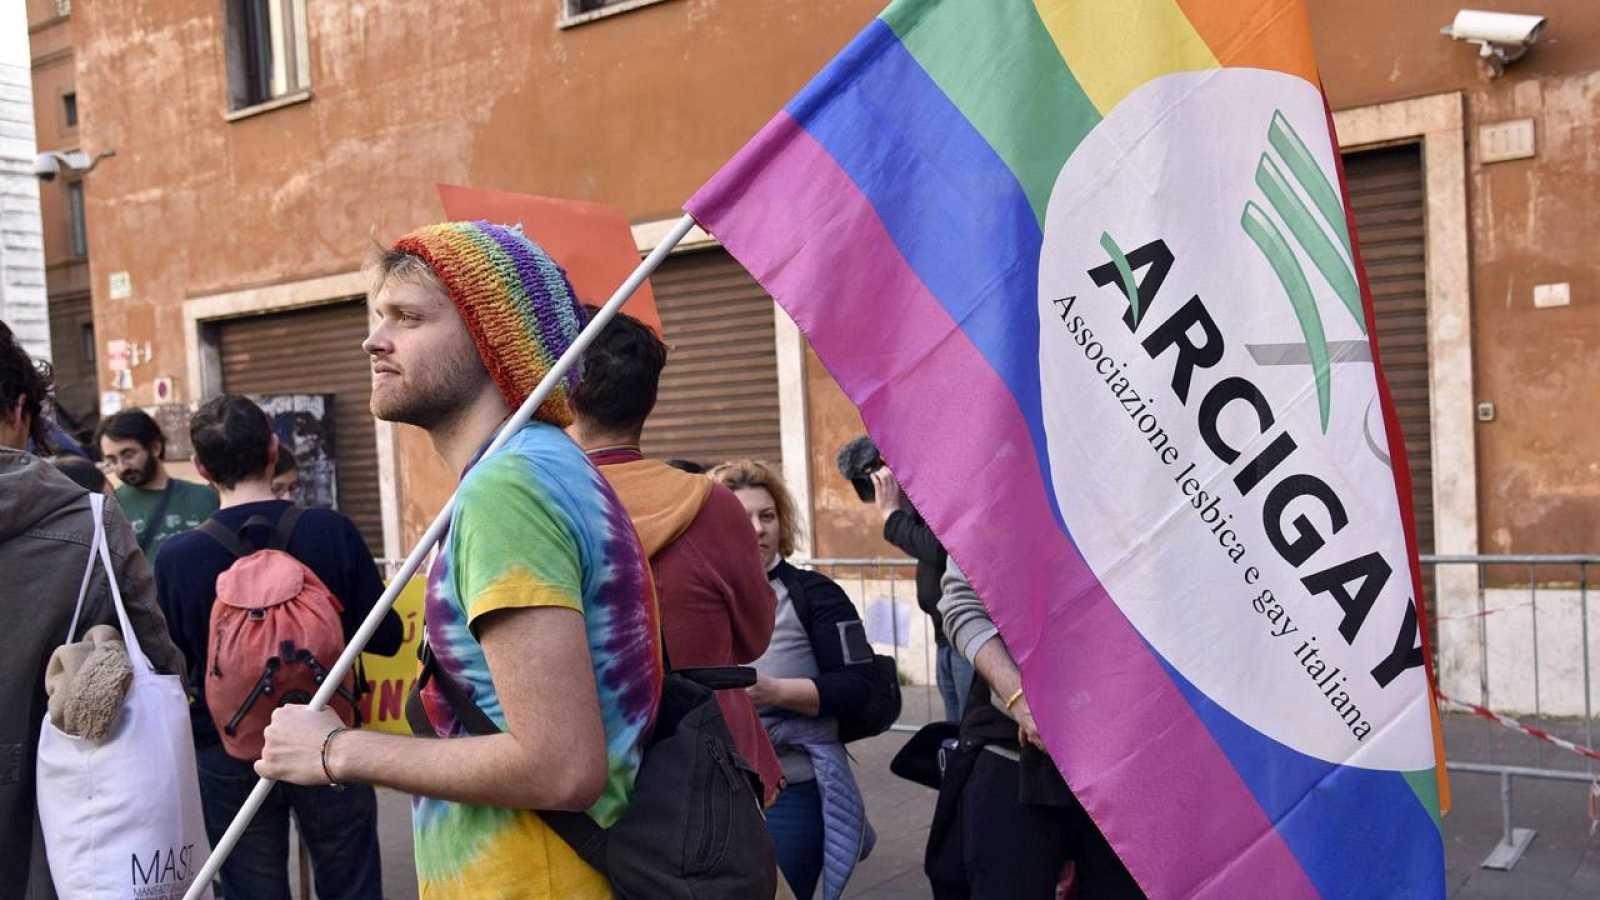 Activistas italianos de la comunidad LGBT se manifiestan por sus derechos en la plaza Cinque Lune de Roma